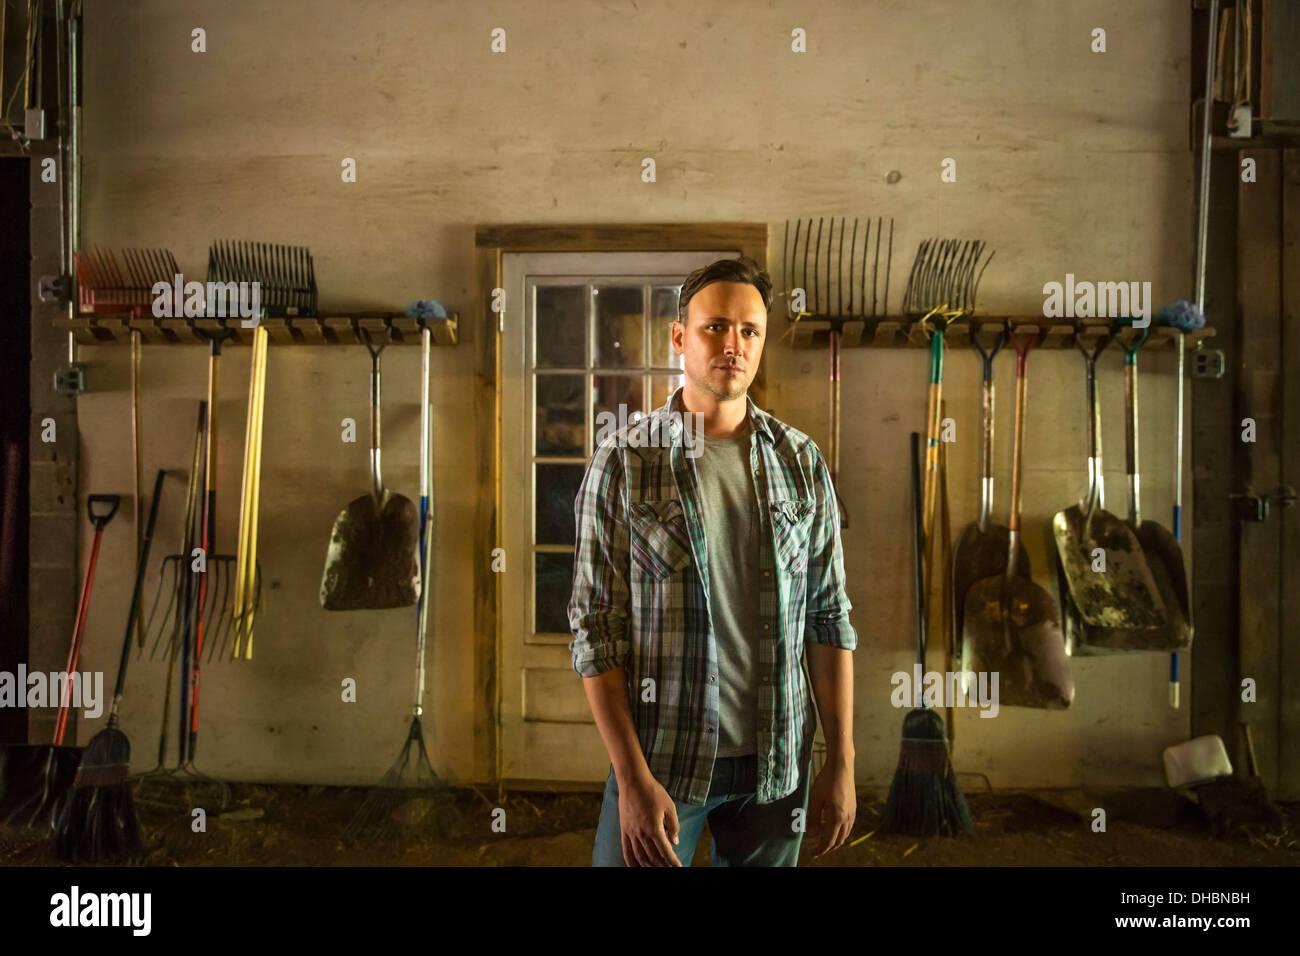 Une ferme biologique dans les Catskills. Un homme debout dans une grange avec de l'équipement entreposé autour des murs. Photo Stock